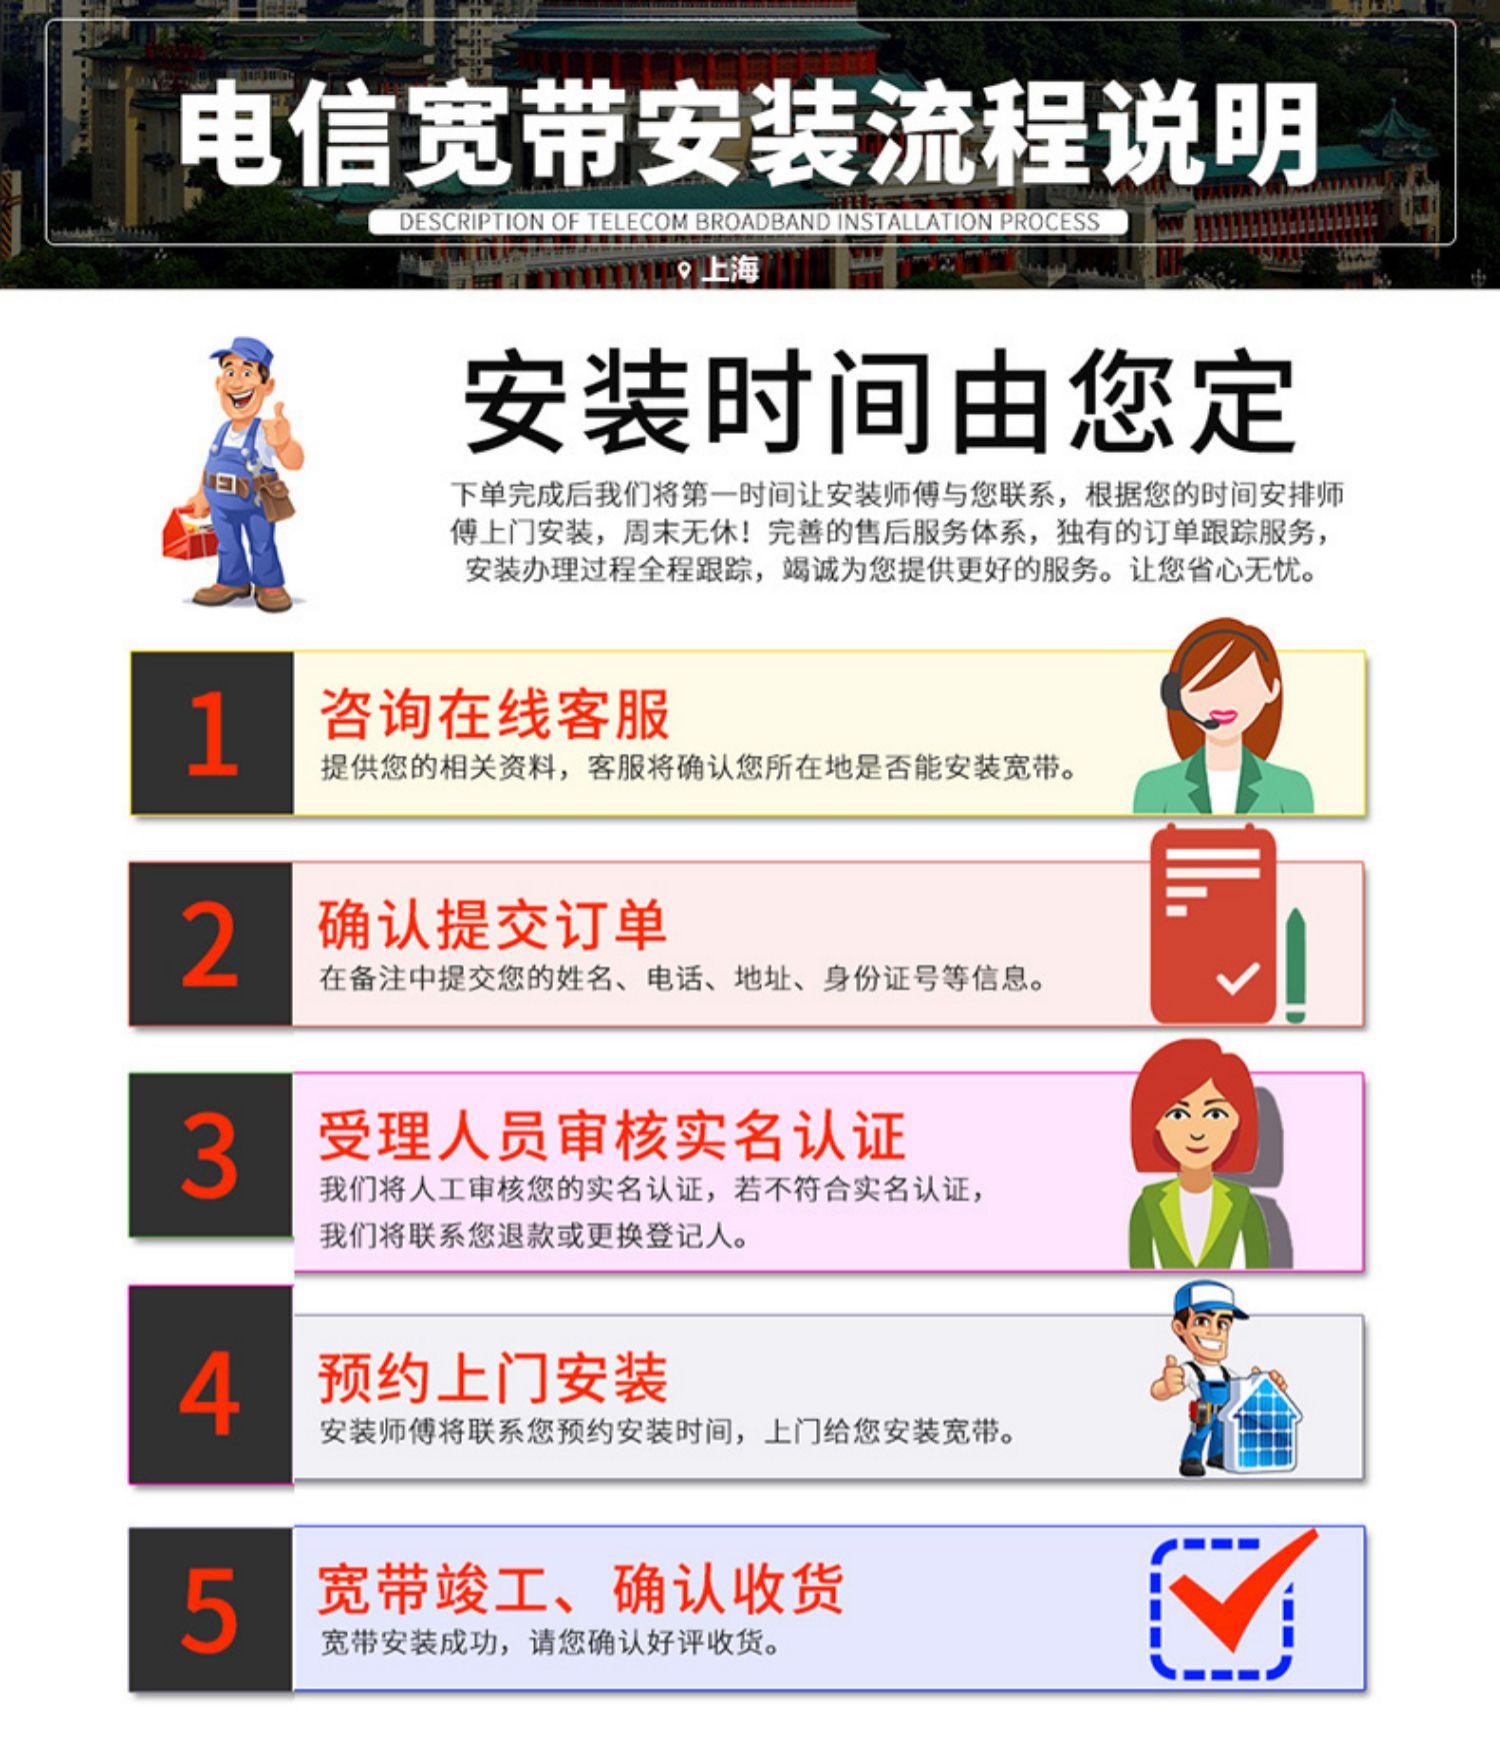 上海电信宽带办理50M100M200M光纤宽带新装续费极速预约安装受理商品详情图